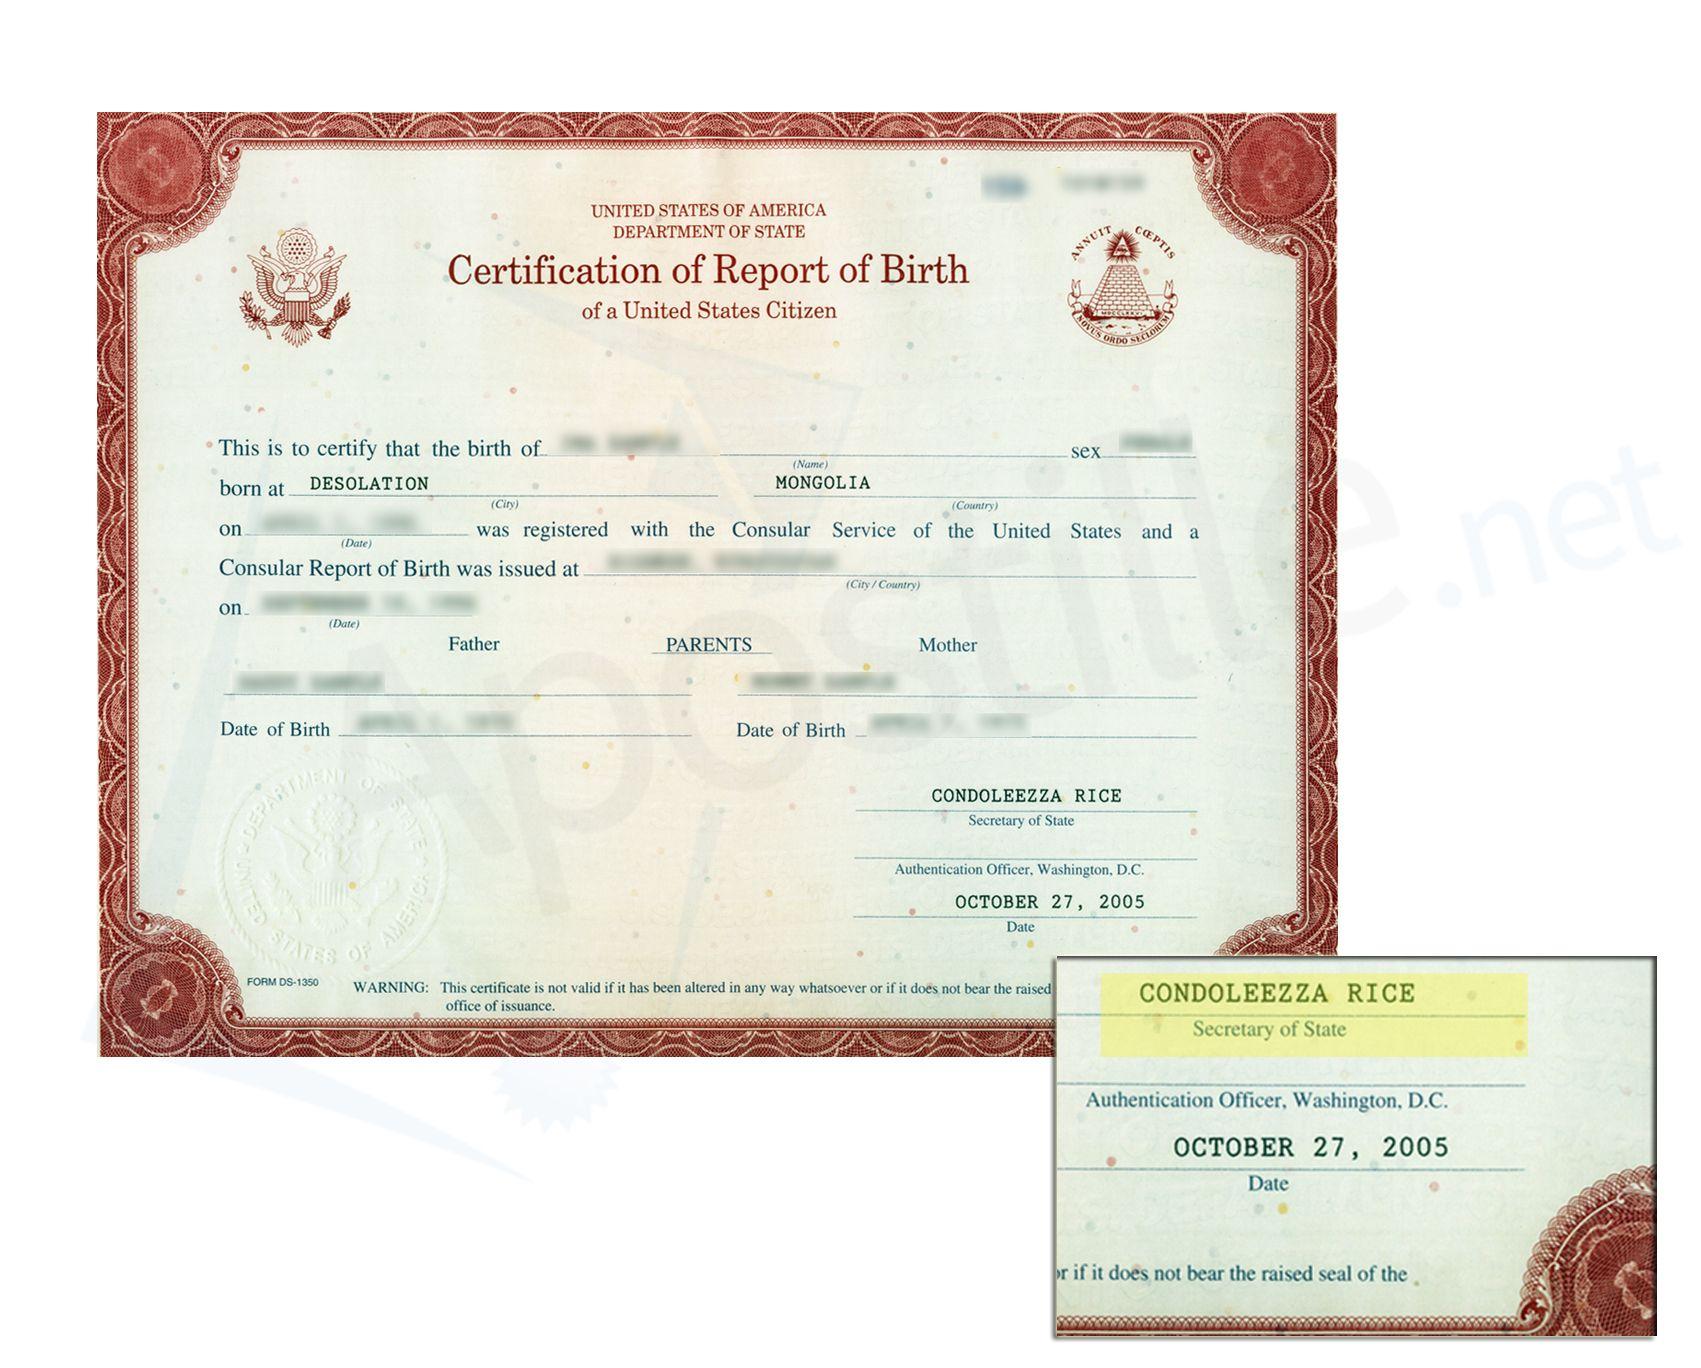 Consular Certificate Of Birth Abroad Signed By Condoleezza Rice